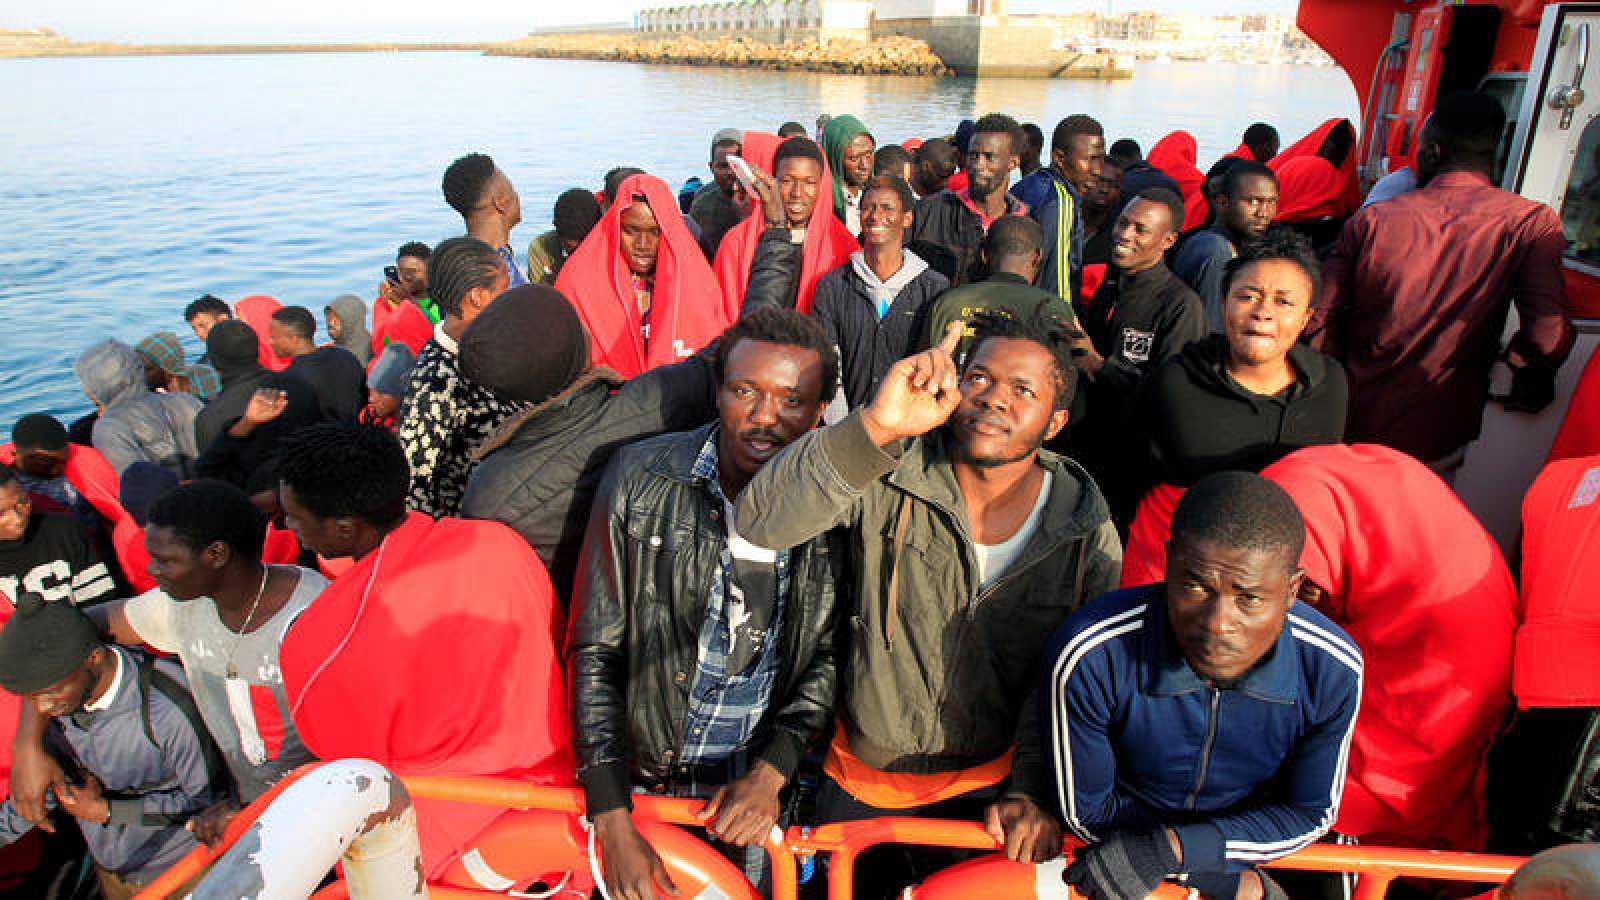 Migrantes rescatados por Salvamento Marítimo en el Estrecho de Gibraltar el domingo